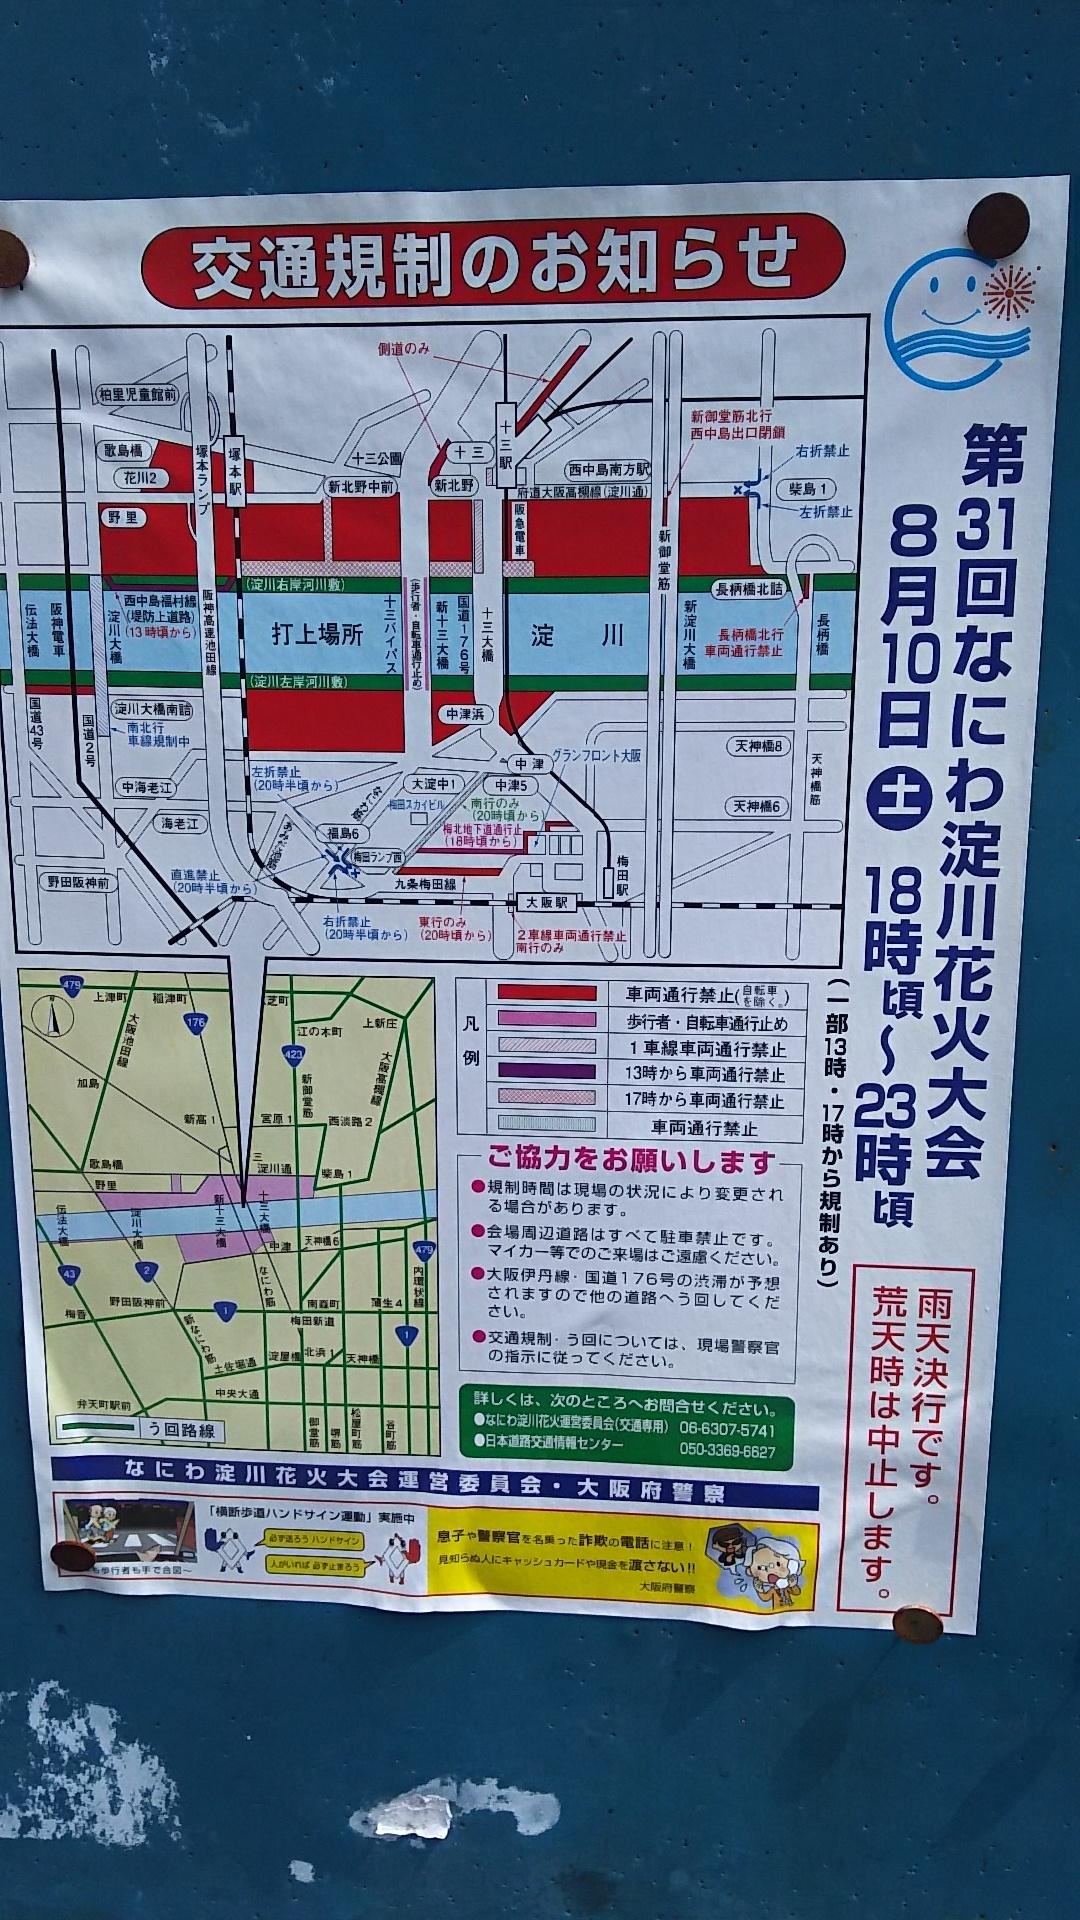 第31回 なにわ淀川花火大会 交通規制